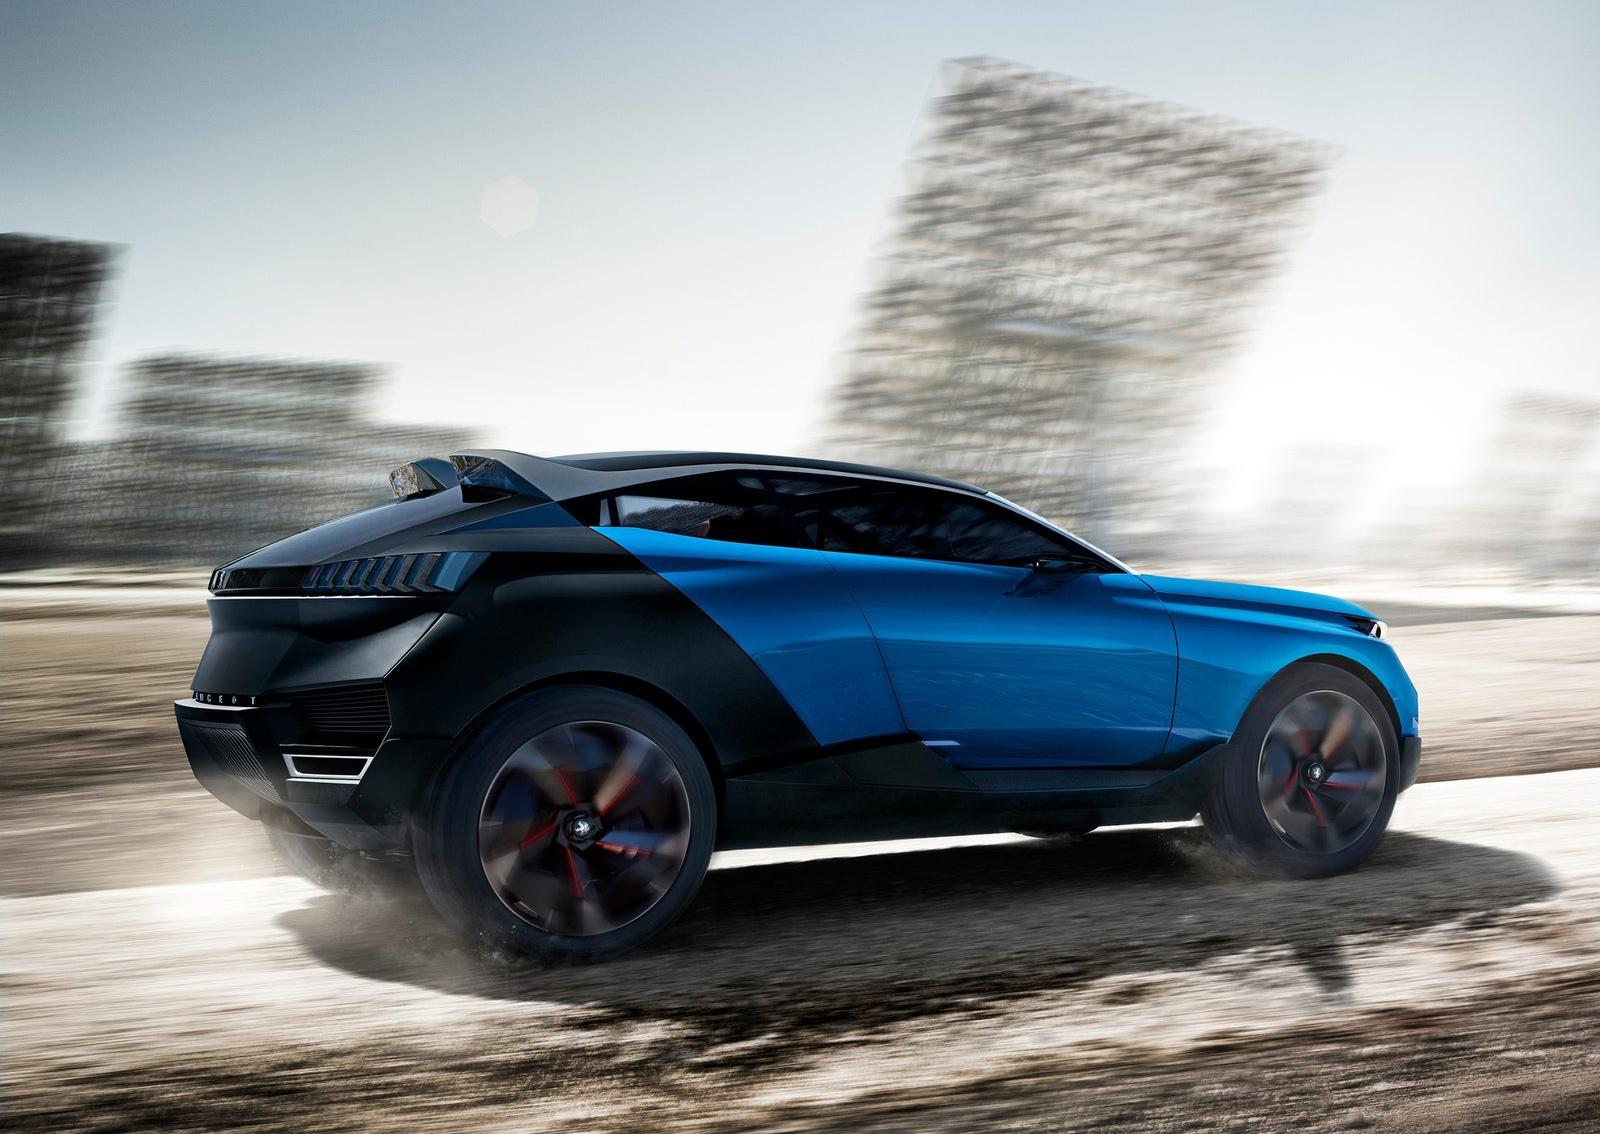 Peugeot-Quartz_Concept_2014_1600x1200_wallpaper_08